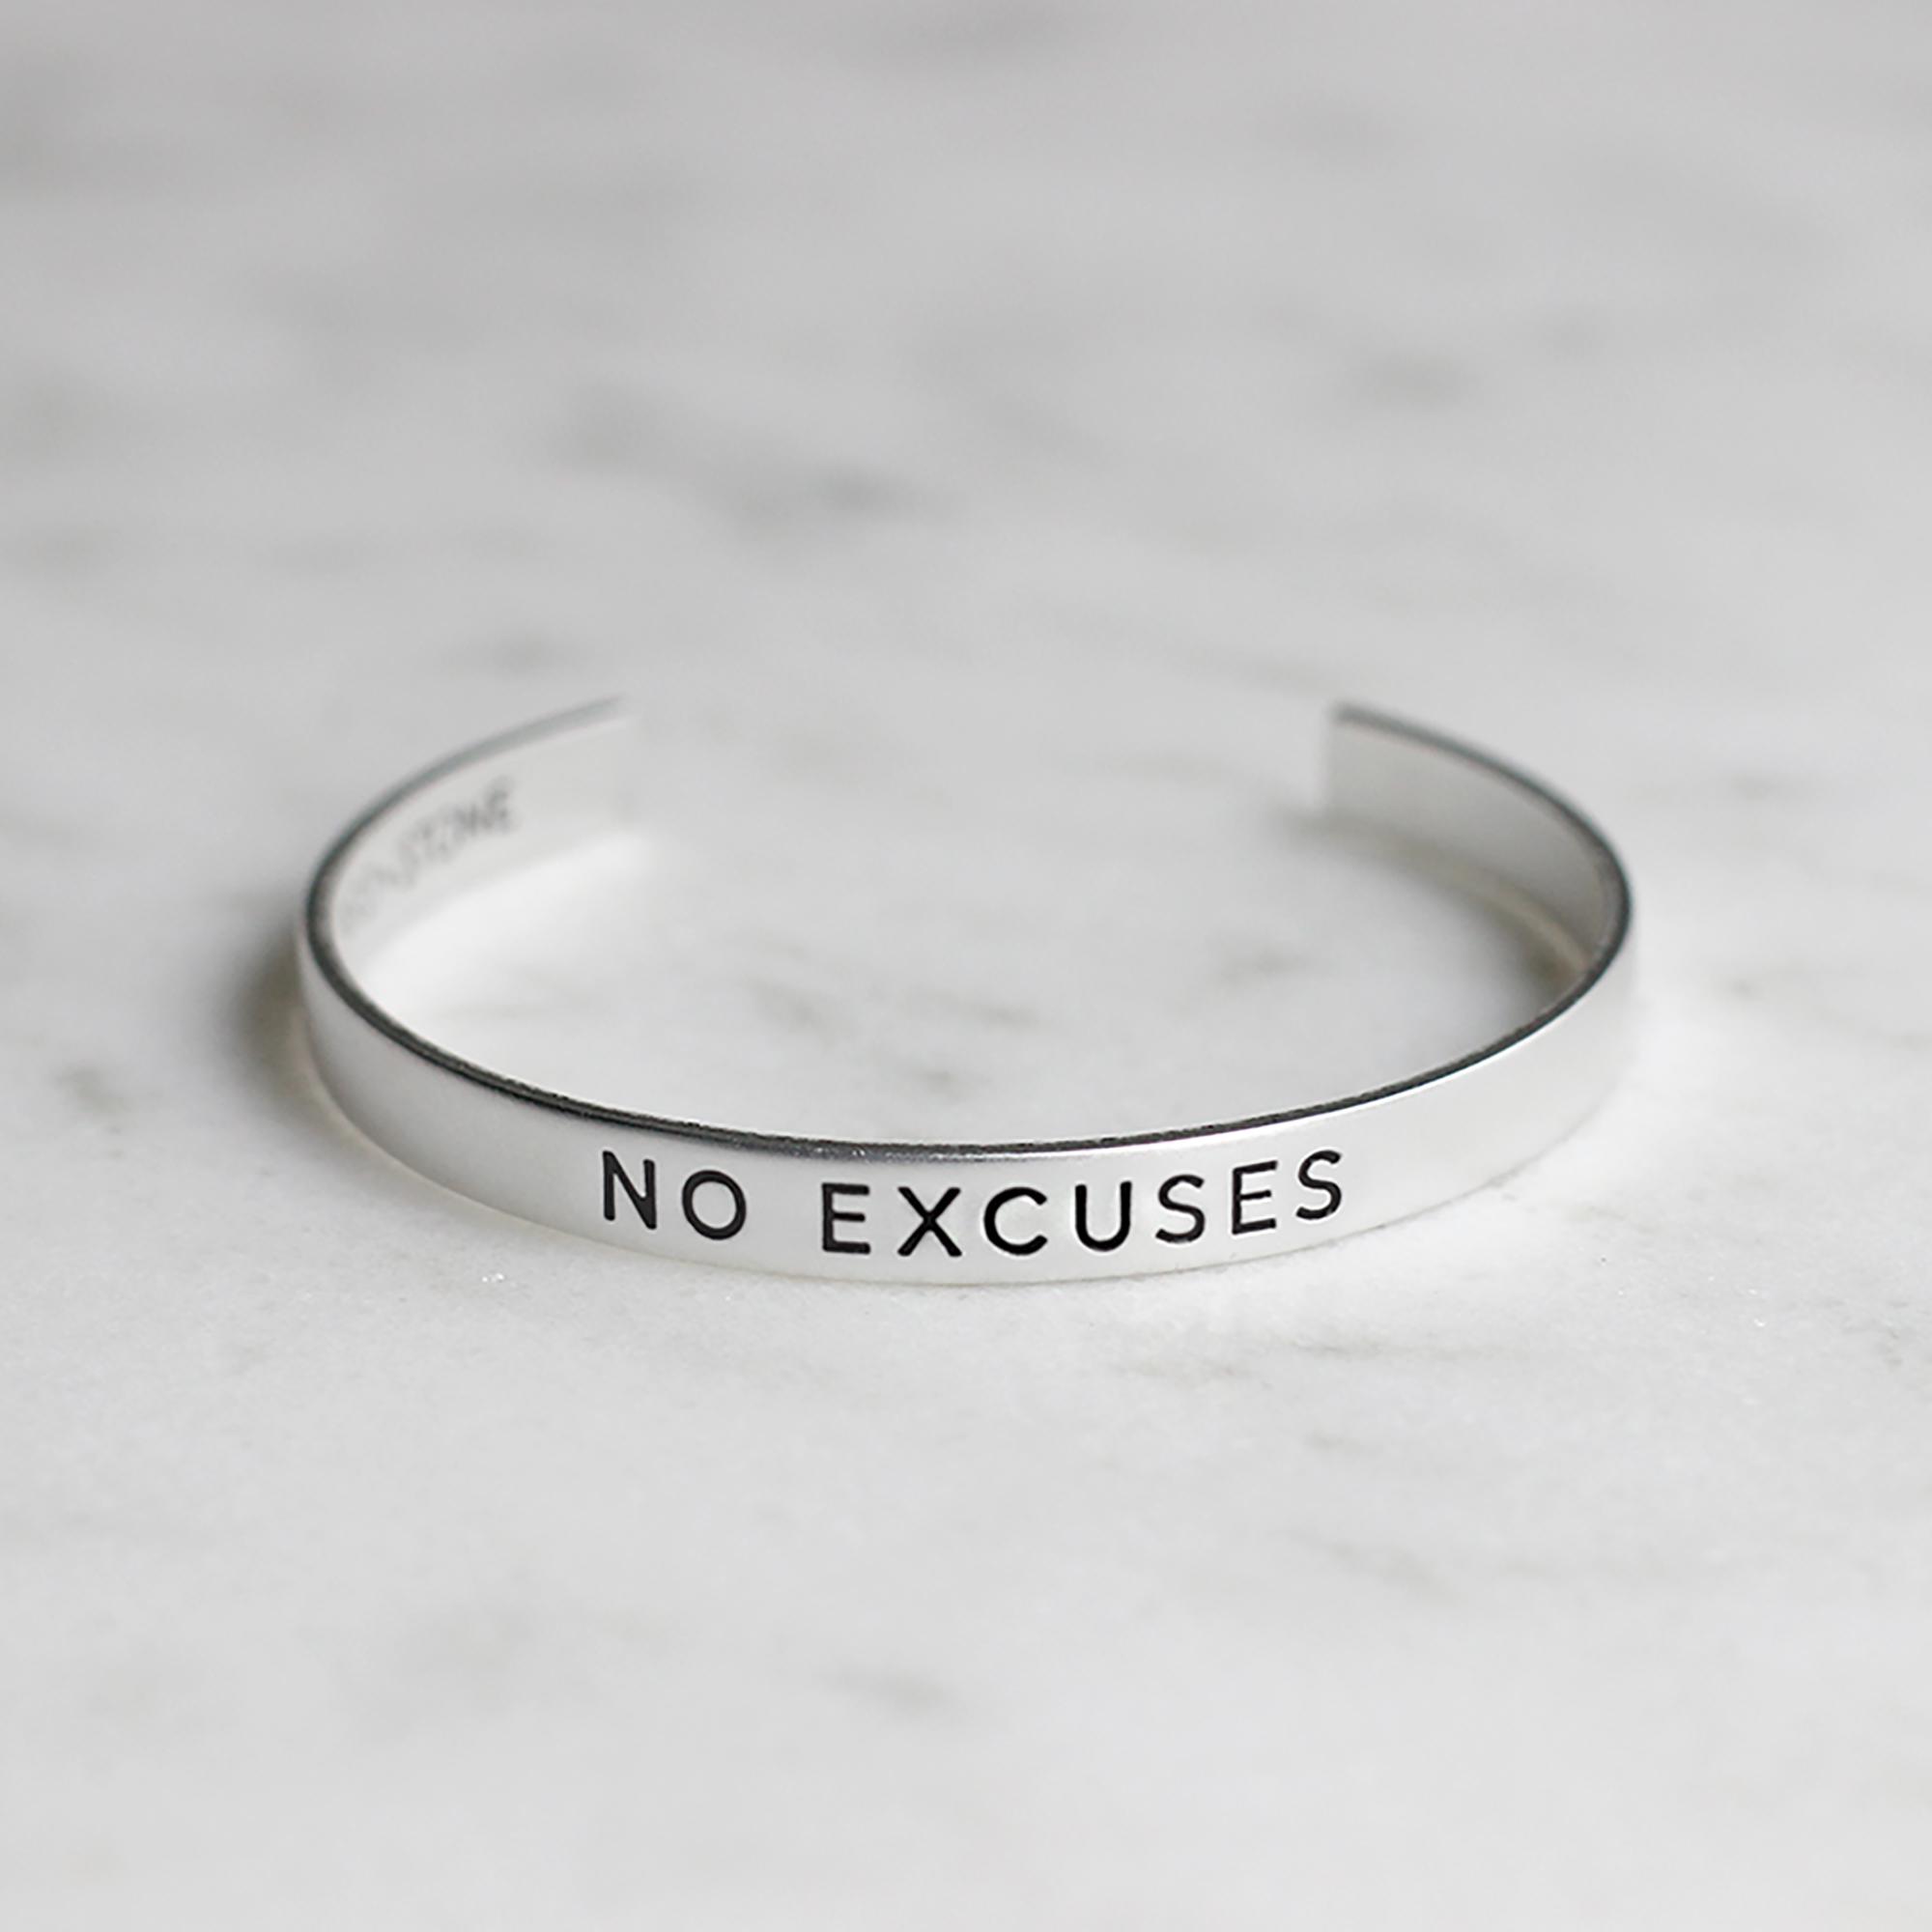 No Excuses bracelet